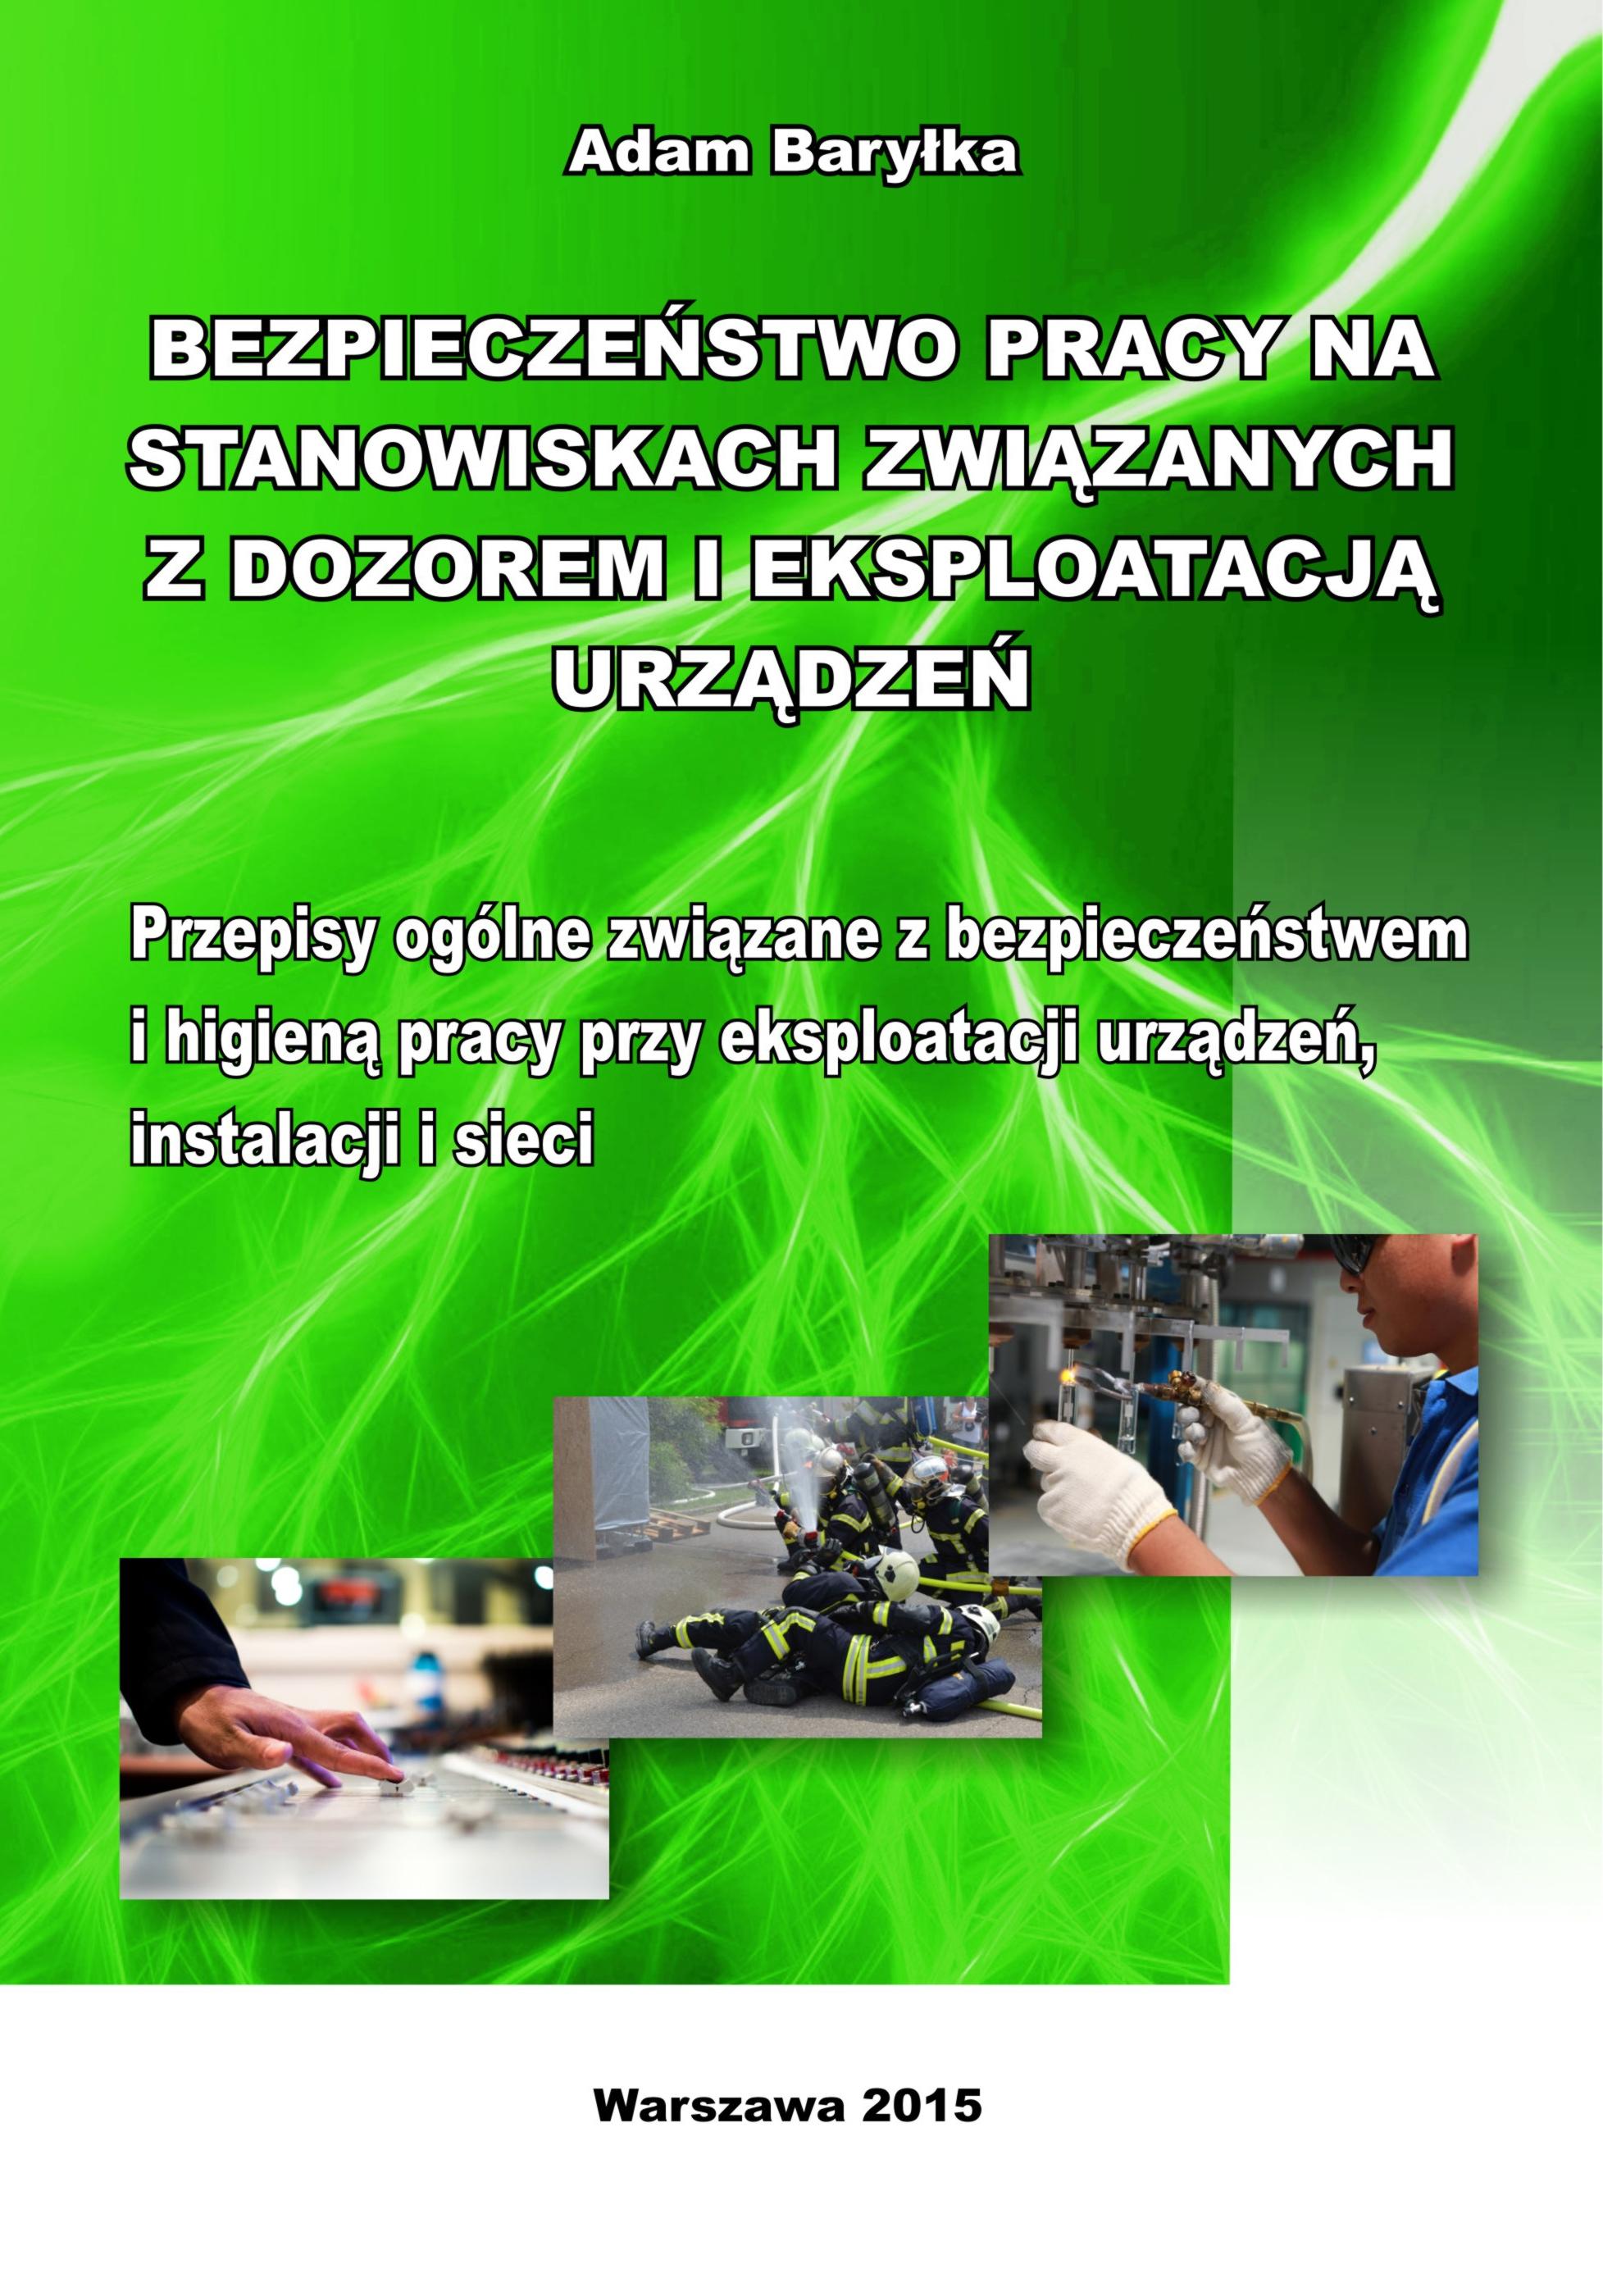 Przepisy ogólne związane z bezpieczeństwem i higieną pracy przy eksploatacji urządzeń,  instalacji i sieci.